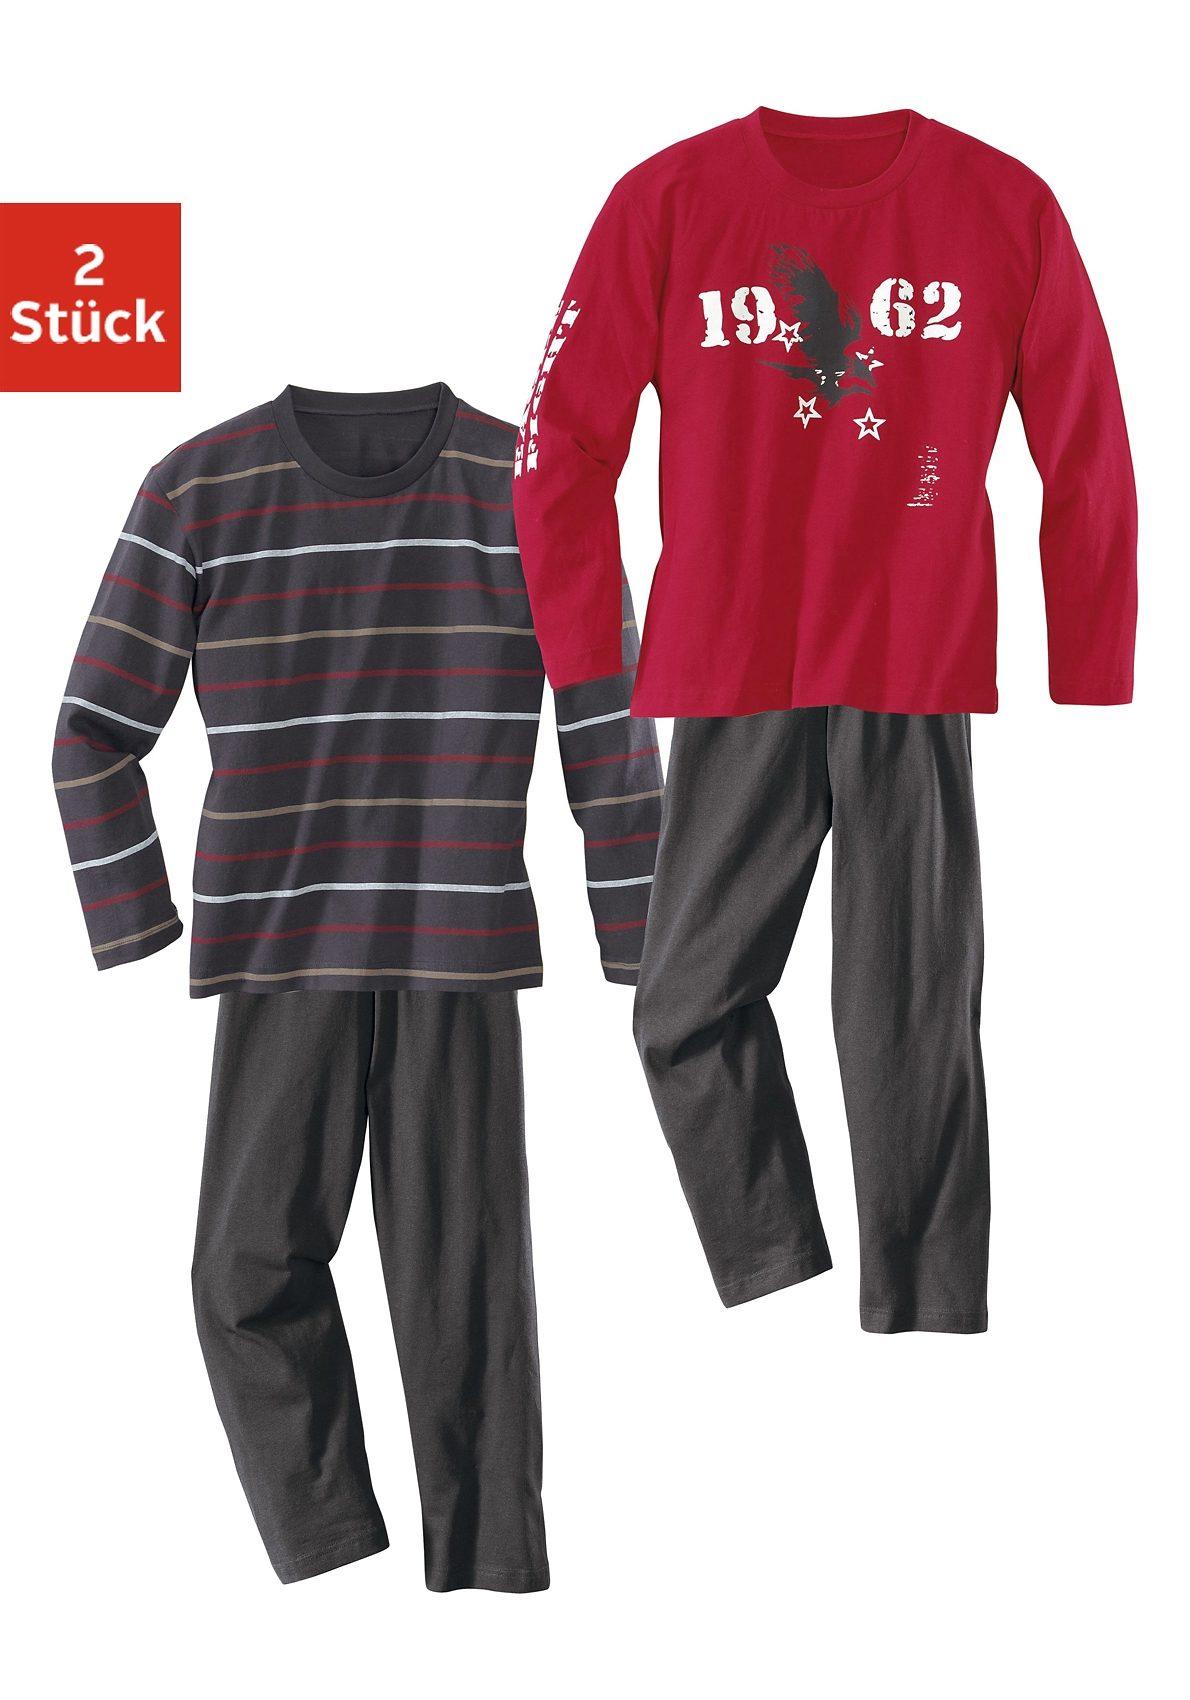 Baumwoll- Pyjamas, Oberteile gestreift oder mit modischem Adlerdruck (2 Stück)